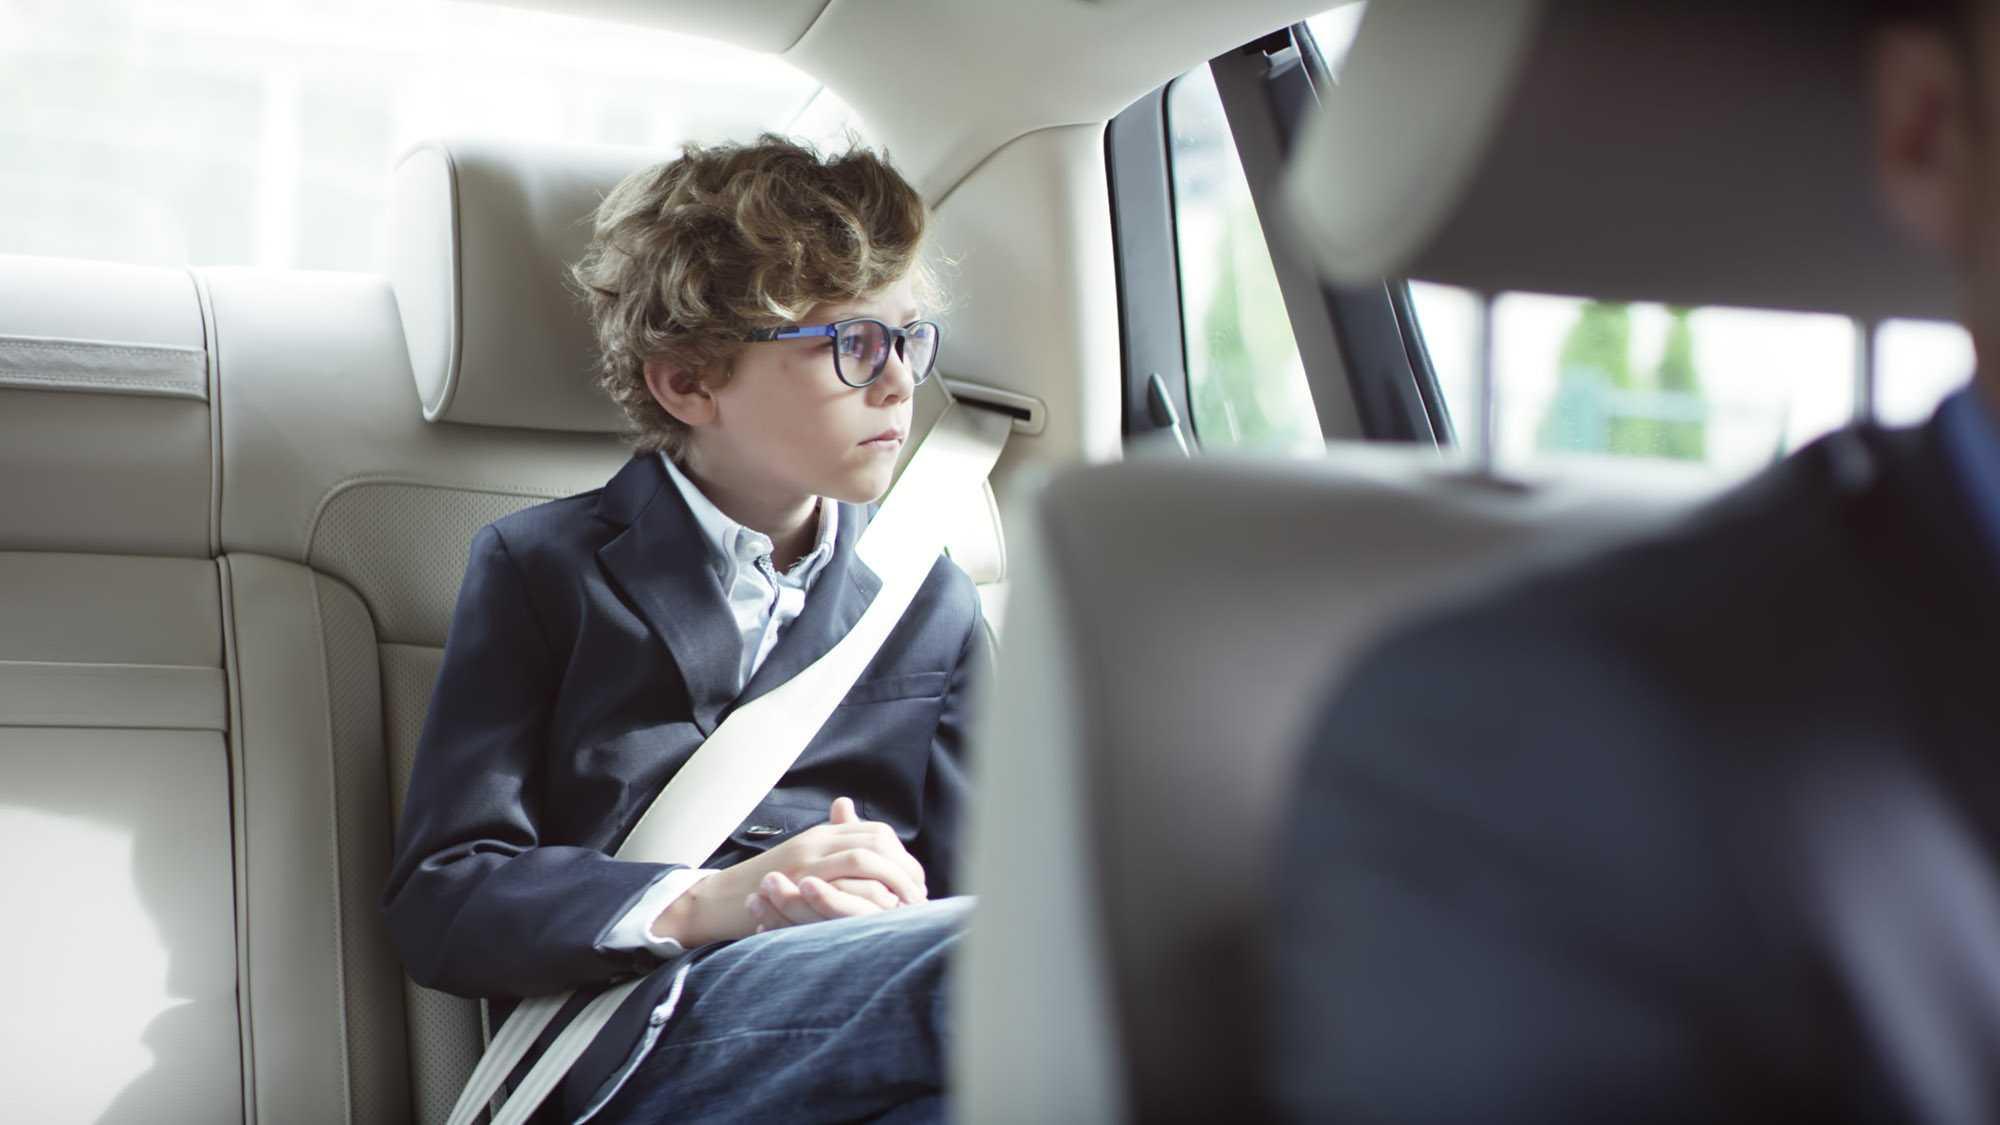 Das Bild zeigt einen Jungen. Dieser sitzt auf der Rückbank eines Autos. Er schaut gedankenverloren aus dem Fenster. Seine Hände liegen in seine Schoß. Er hat lockige Haare und eine schwarze Brille. Das Bild dient als Sliderbild für den Portfolioeintrag BMW Connected Drive Rivalitätskampf von Panda Pictures.